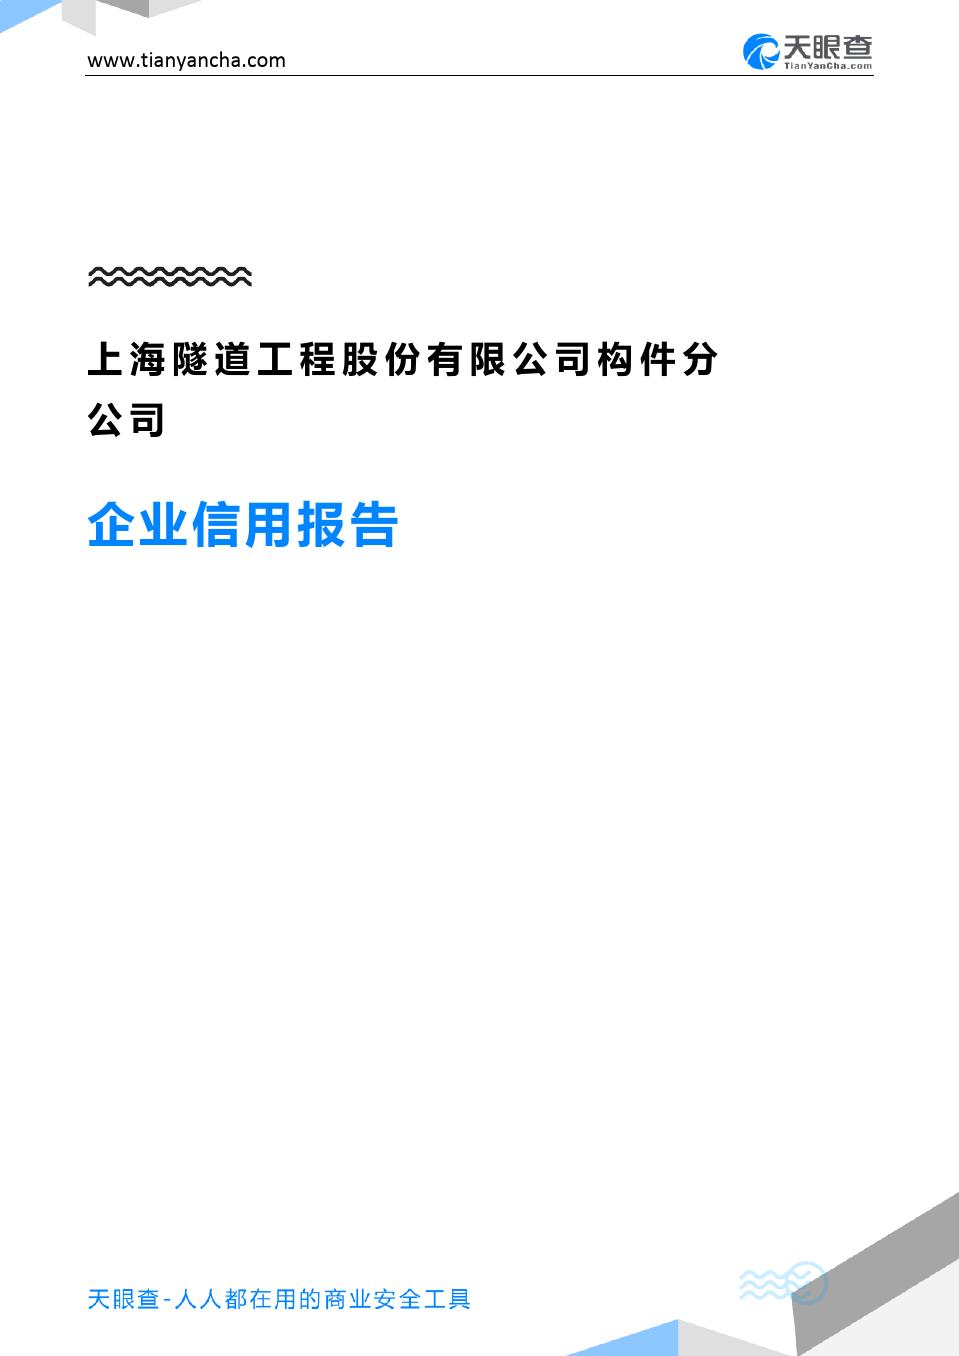 上海隧道工程股份有限公司构件分公司(企业信用报告)- 天眼查